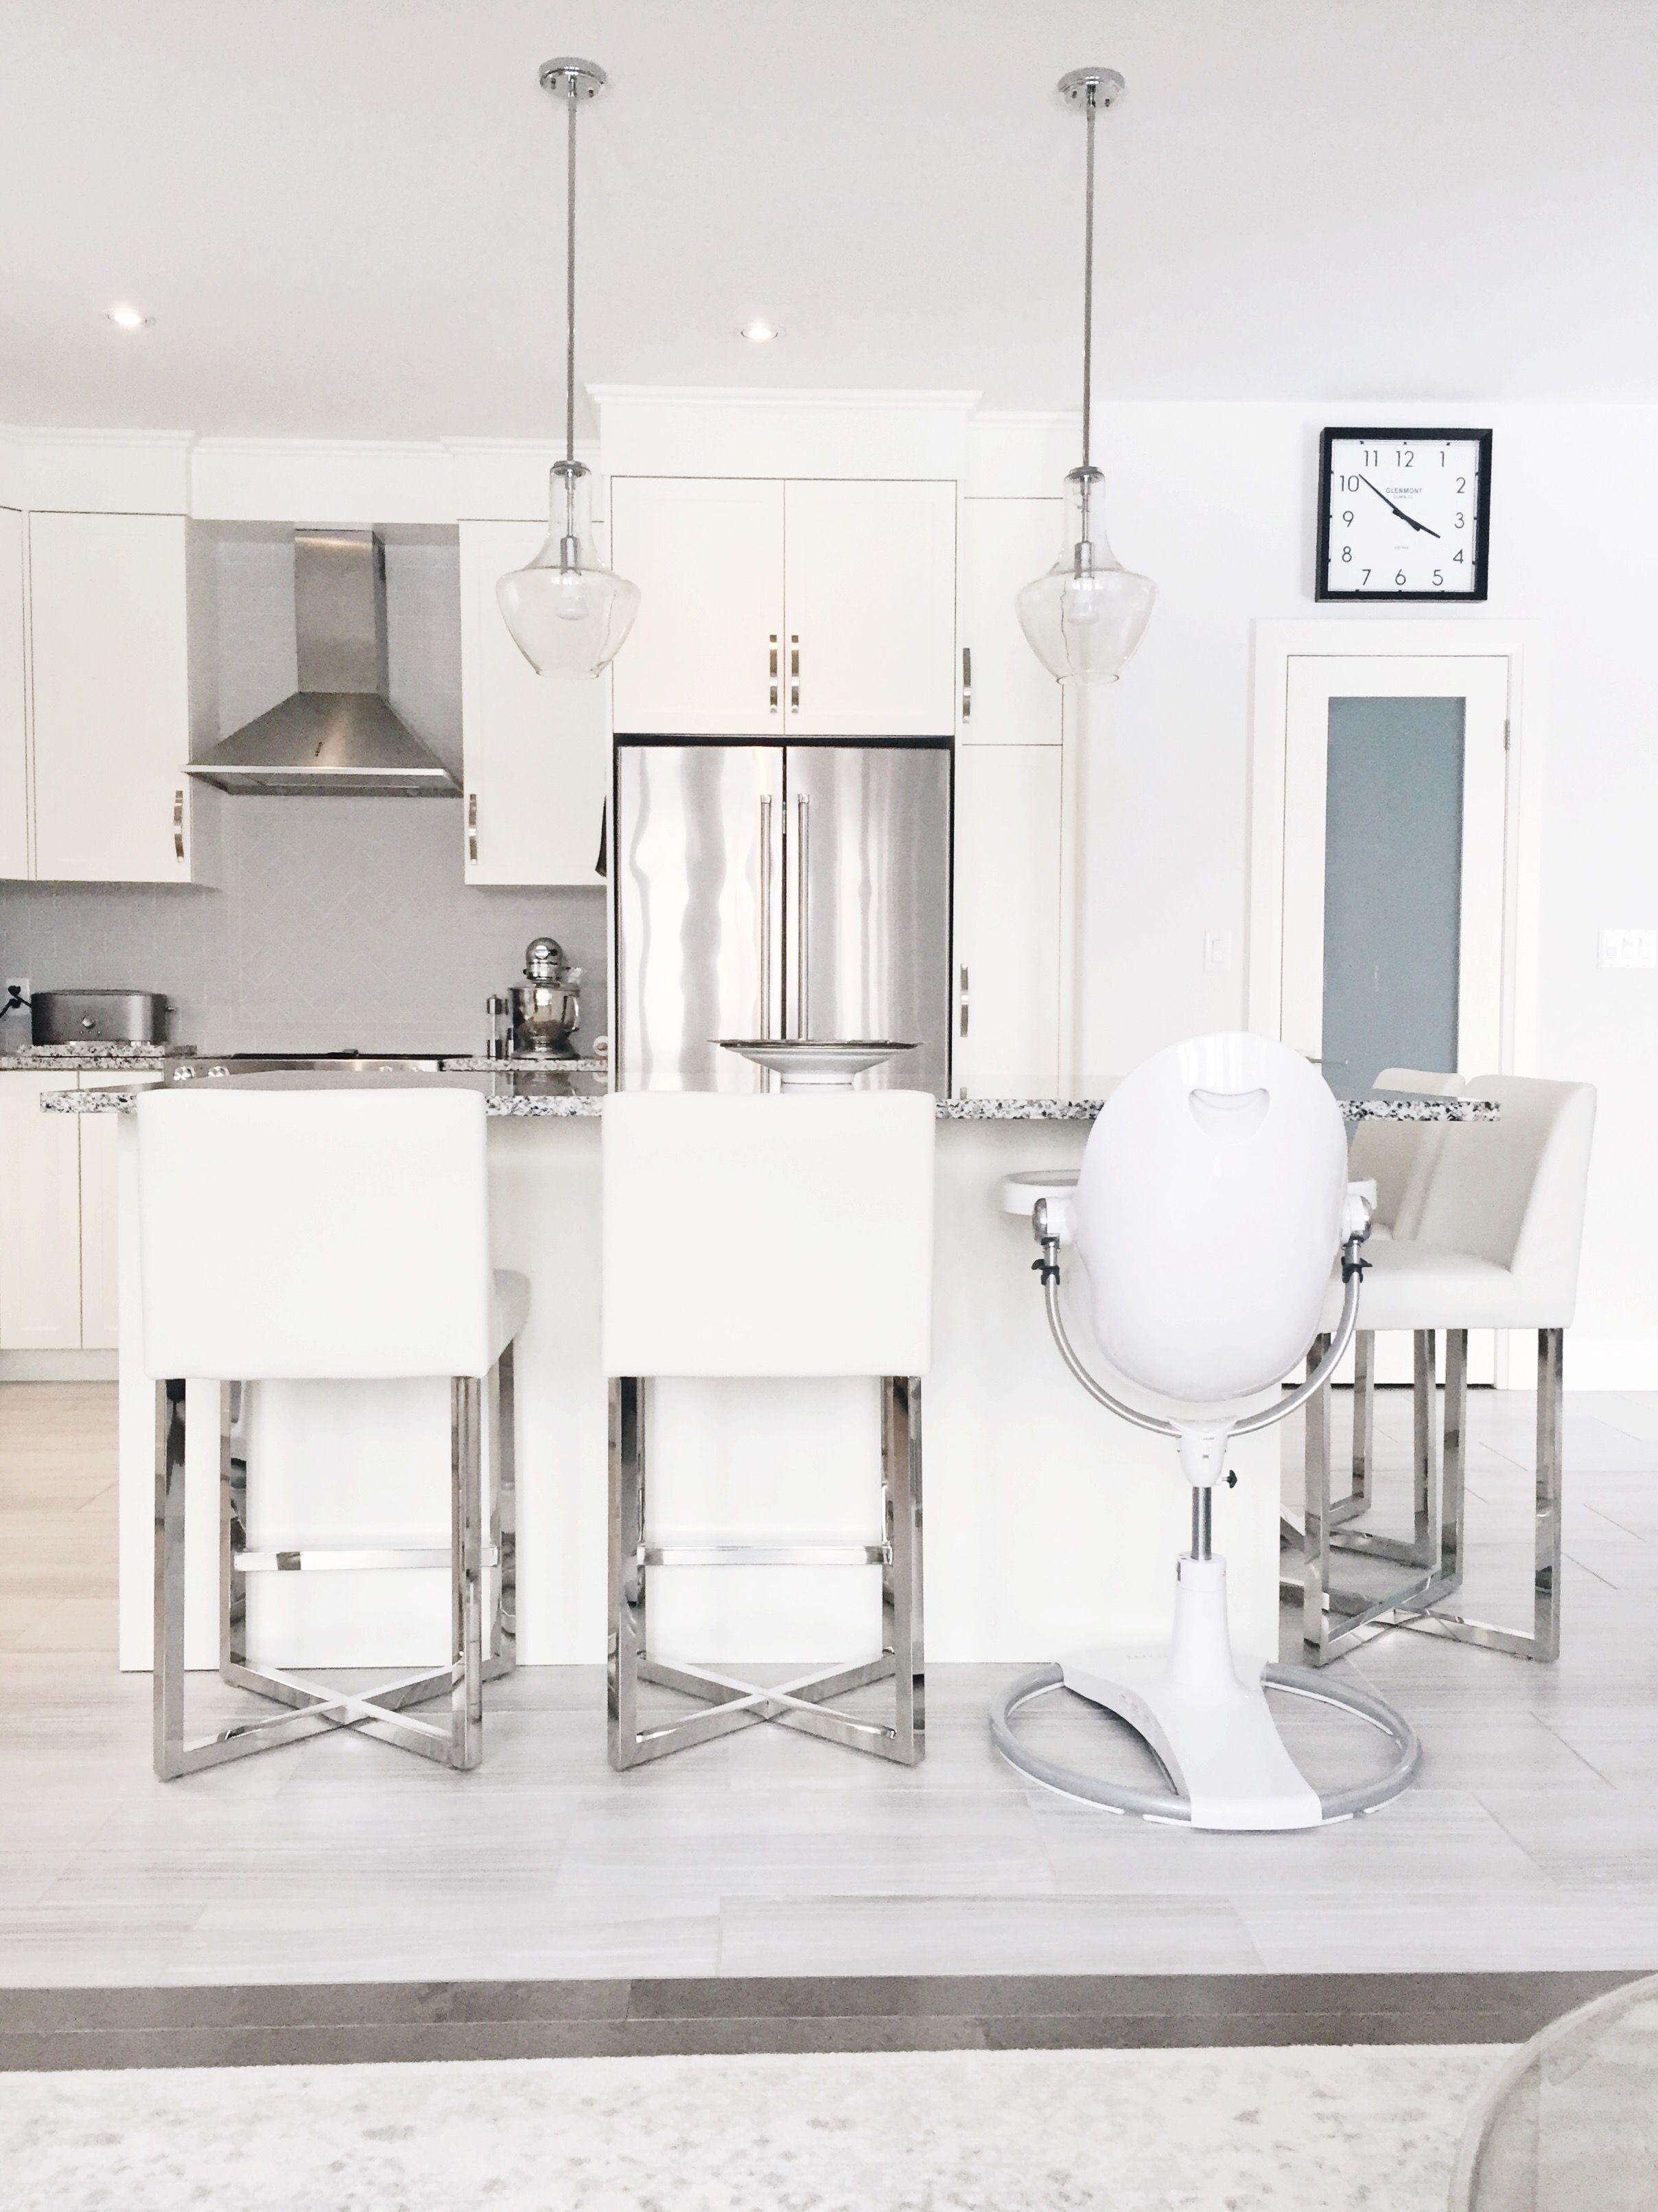 White Kitchen Modern Kitchen Bloom High Chair Fresco Bloom High Chair Grey And Wh Gray And White Kitchen Blue Chairs Living Room Hanging Chair From Ceiling